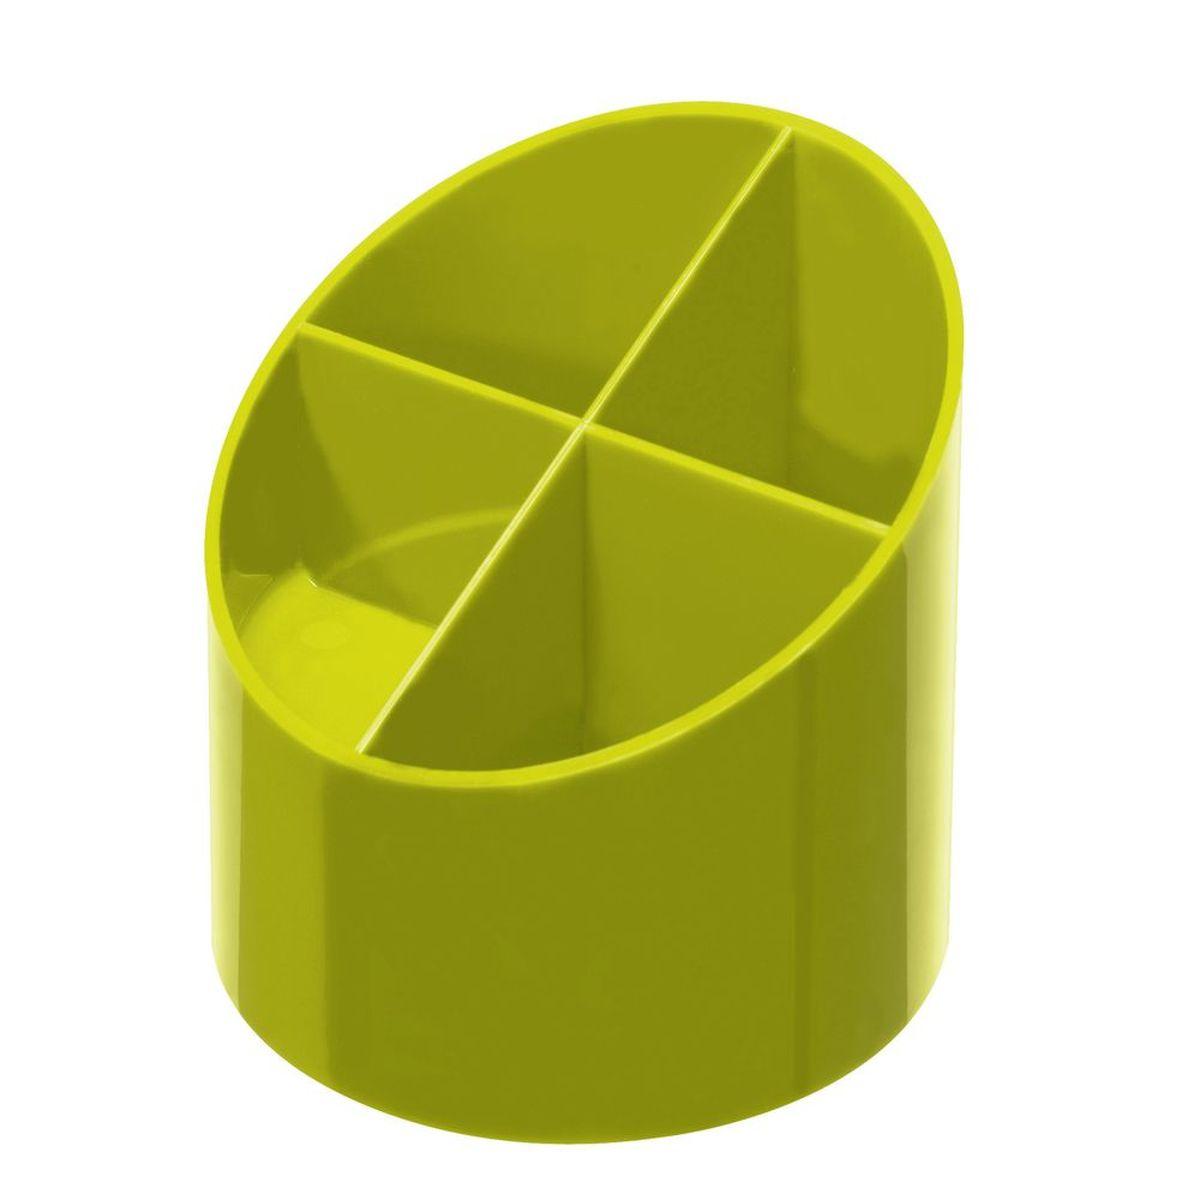 Herlitz Подставка для канцелярских принадлежностей Colour Blocking цвет лимонныйFS-00103Практичная подставка для канцелярских принадлежностей Herlitz Colour Blocking поможет содержать порядок на рабочем столе. Она изготовлена из пластика и содержит 4 отделения. Яркий дизайн позволит ей стать достойным аксессуаром среди ваших канцелярских принадлежностей и будет дарить вам хорошее настроение.